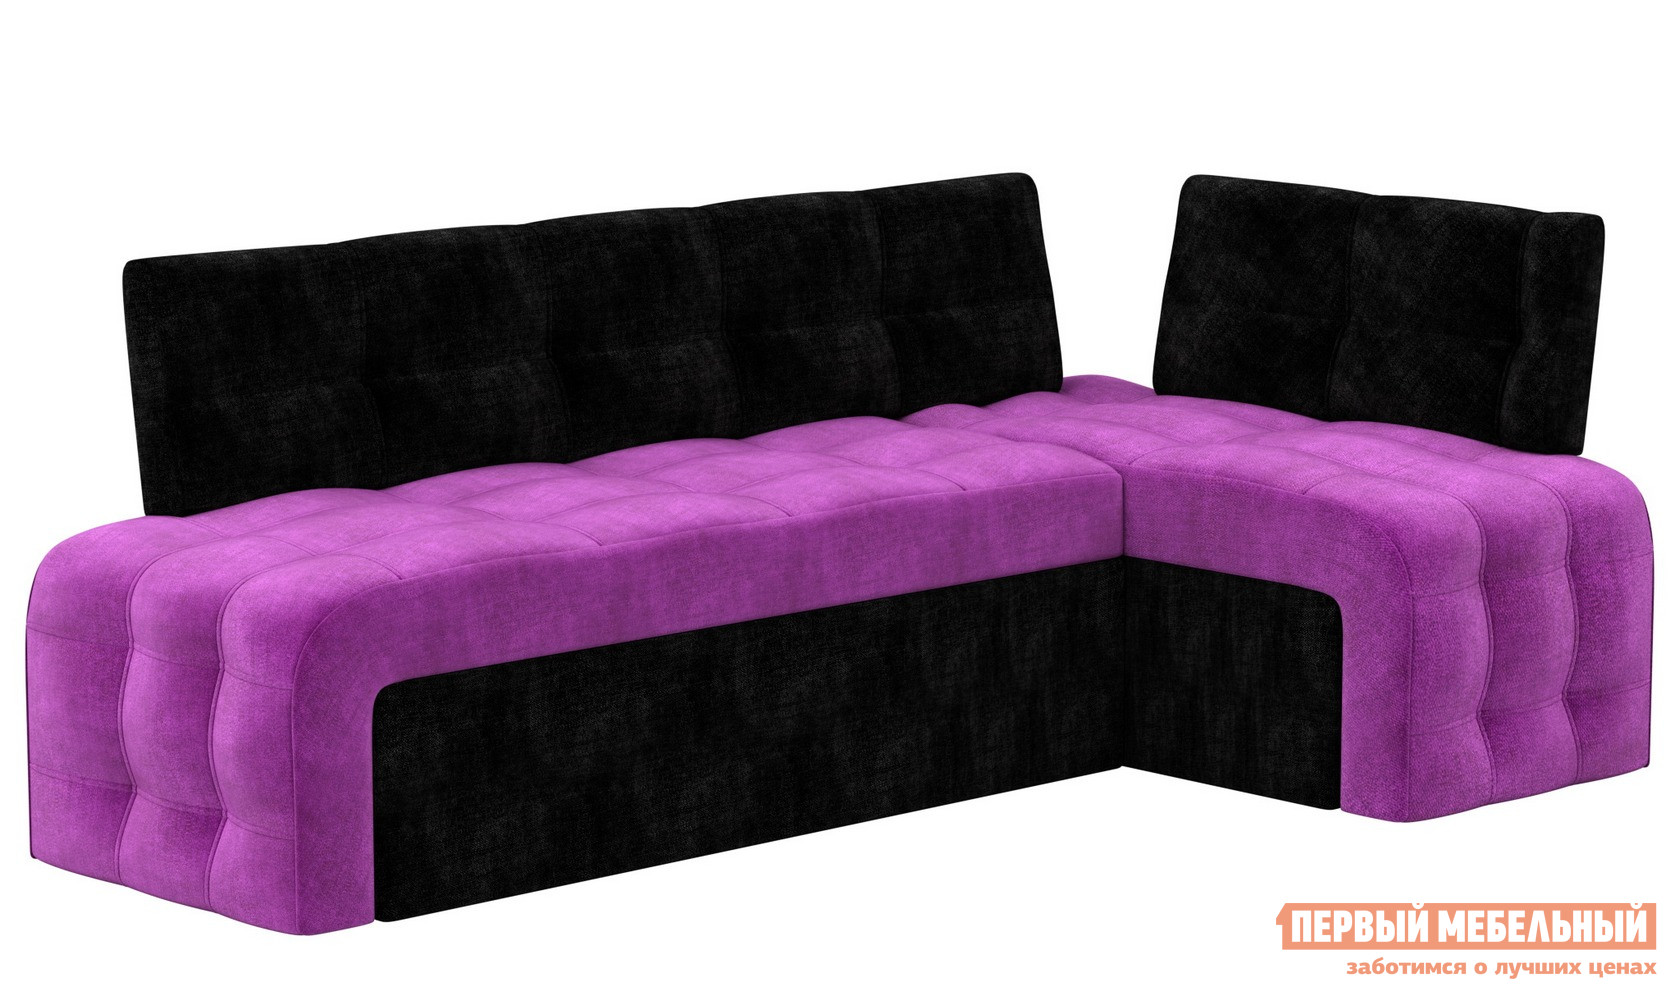 Кухонный уголок Мебелико Кухонный угловой диван Люксор микровельвет Фиолетово-черный микровельвет, Правый